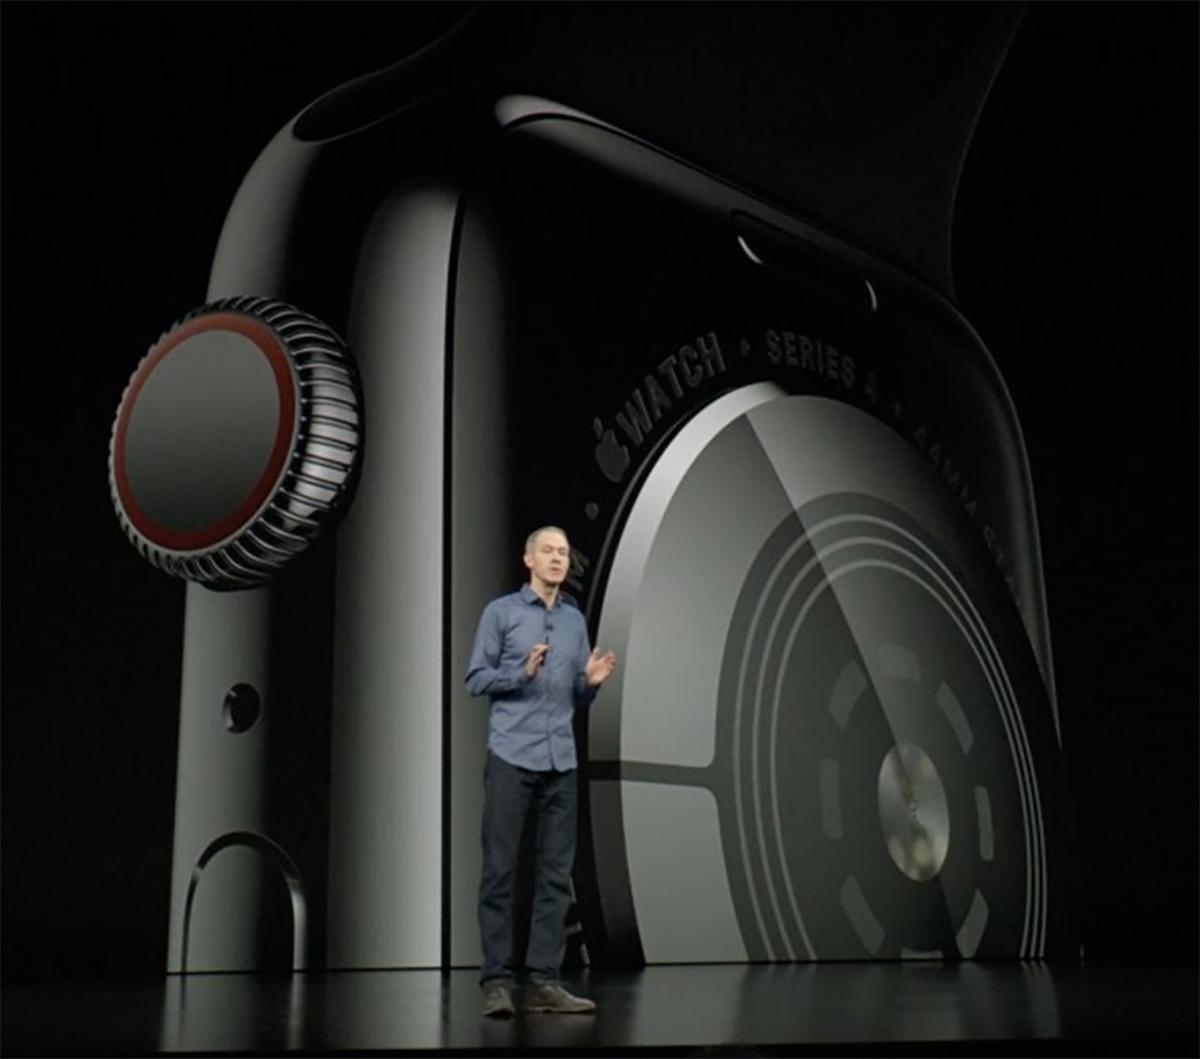 Presentación del Apple Watch Series 4